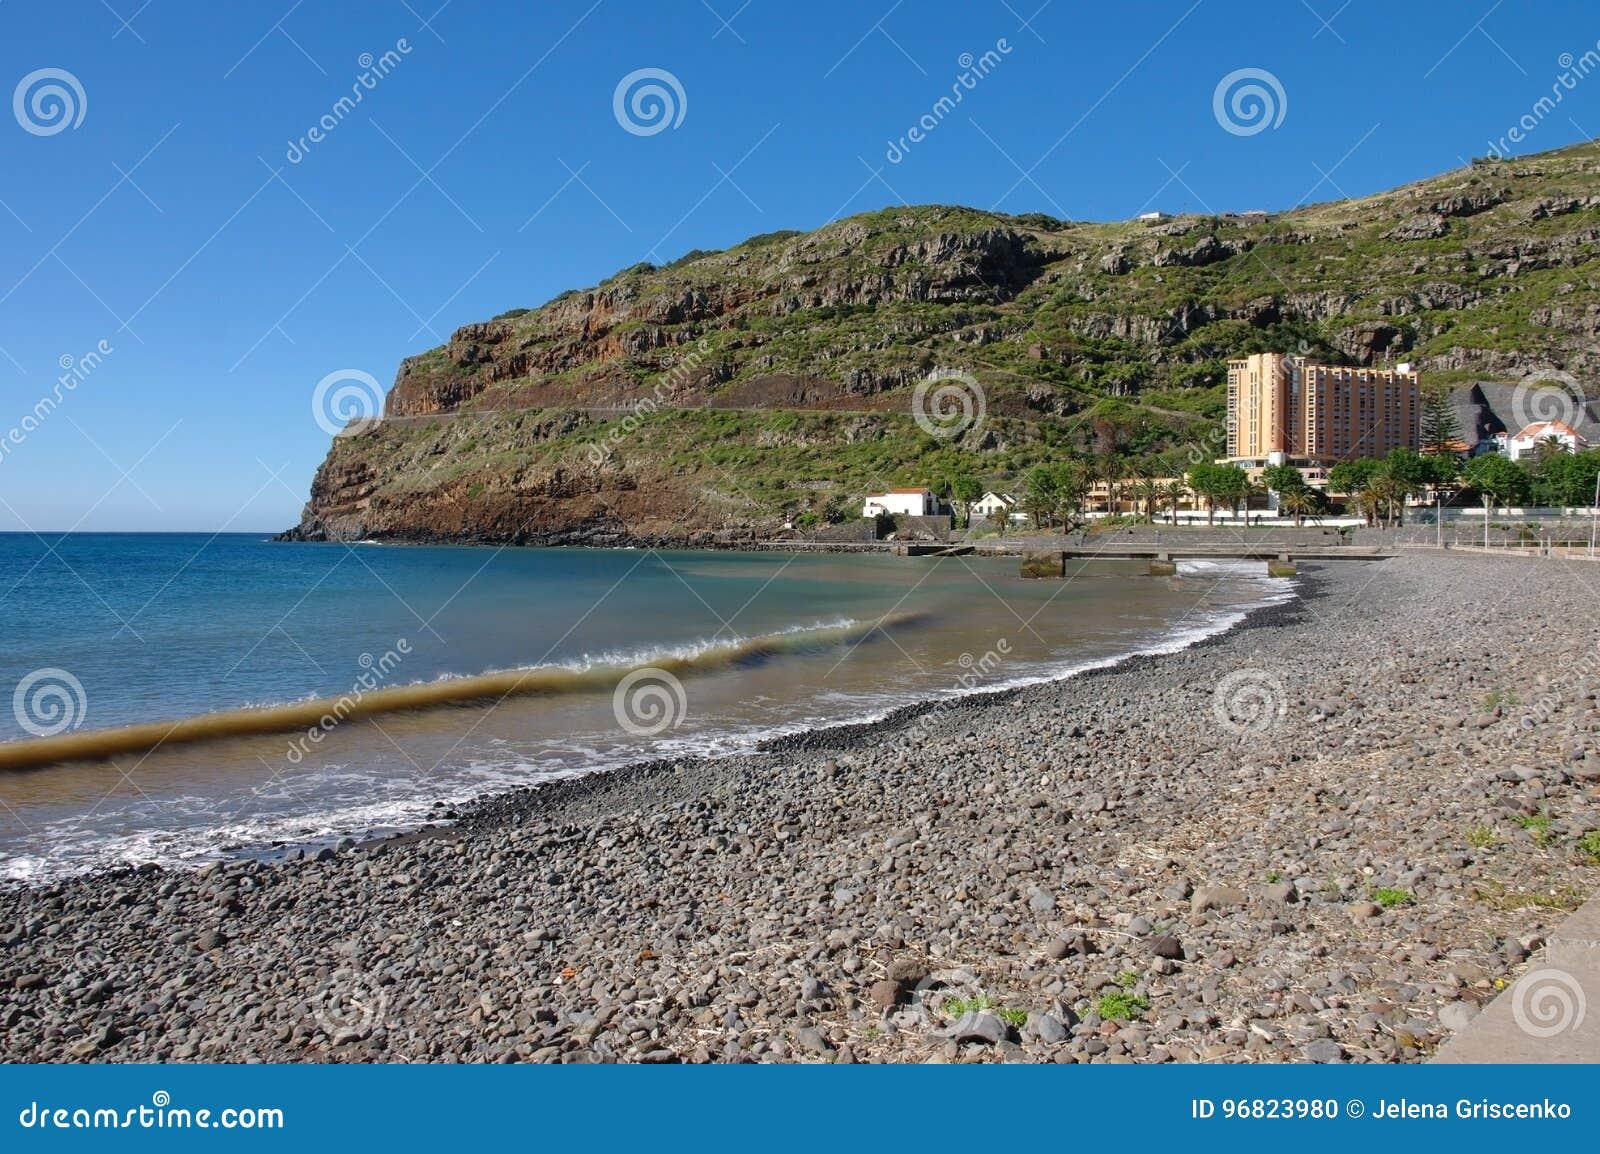 Μια παραλία και μια άποψη χαλικιών στο ξενοδοχείο DOM Pedro Baia στο νησί της Μαδέρας